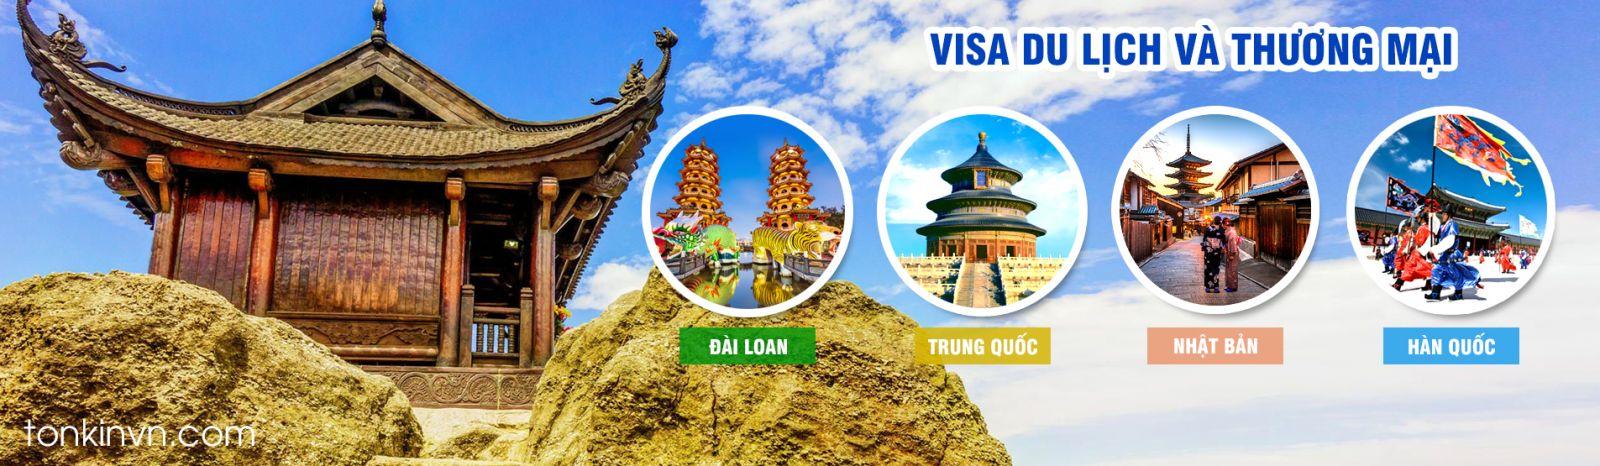 Dịch vụ làm visa nhanh | Gia hạn visa | Làm visa giá rẻ | làm visa uy tín